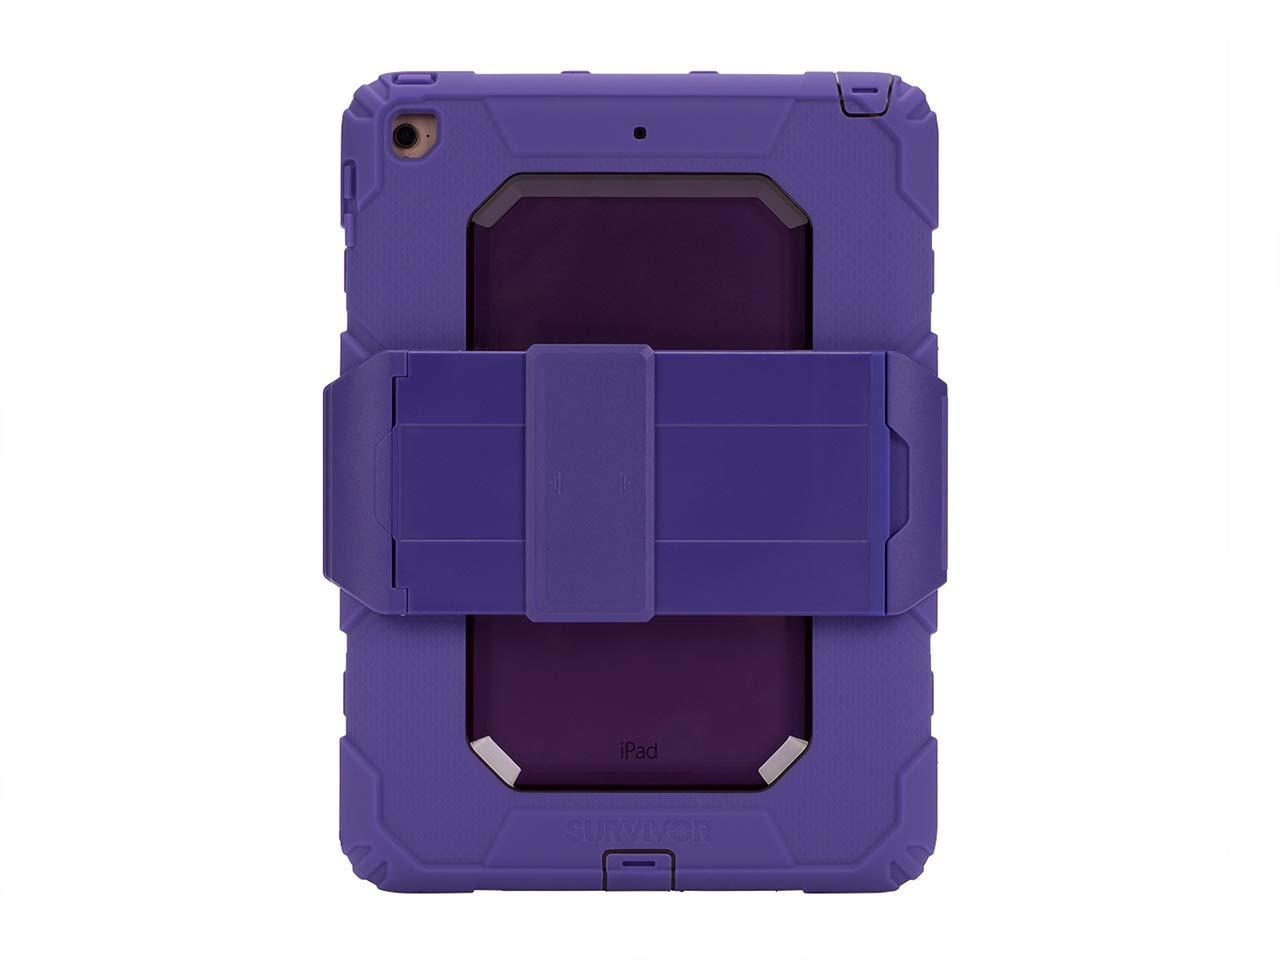 新品即決 Griffin iPad 2018 9.7 GB43626 ( 2017 & 2018 ( ) Rugged Case、Survivor all-terrain withスタンド パープル GB43626 パープル B079DQ658Z, やさしい靴工房 Belle and Sofa:b59ab8e9 --- a0267596.xsph.ru